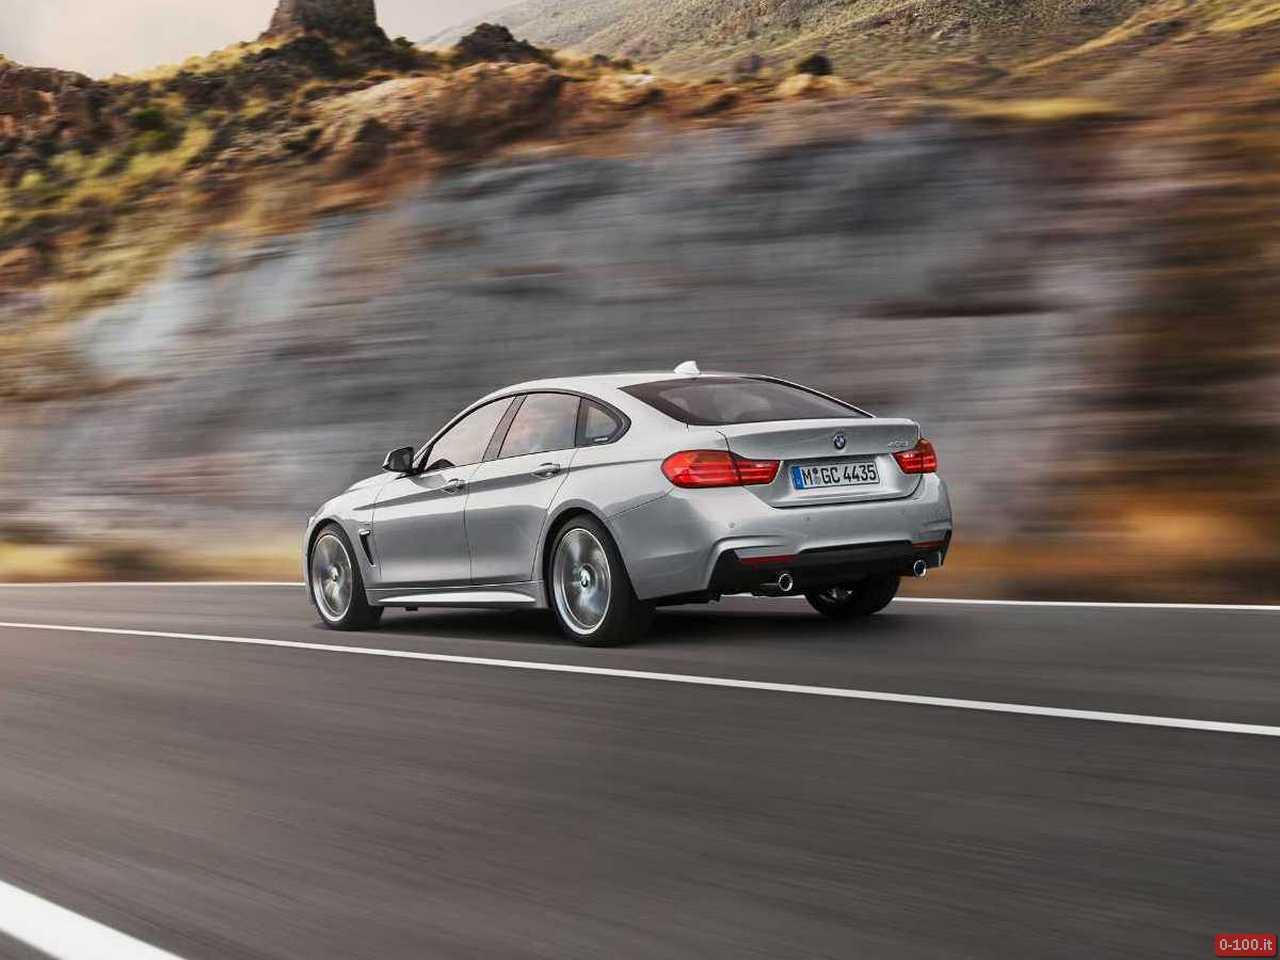 bmw-serie-4-gran-coupe-prezzo-price-ginevra-geneve-2014-0-100_47